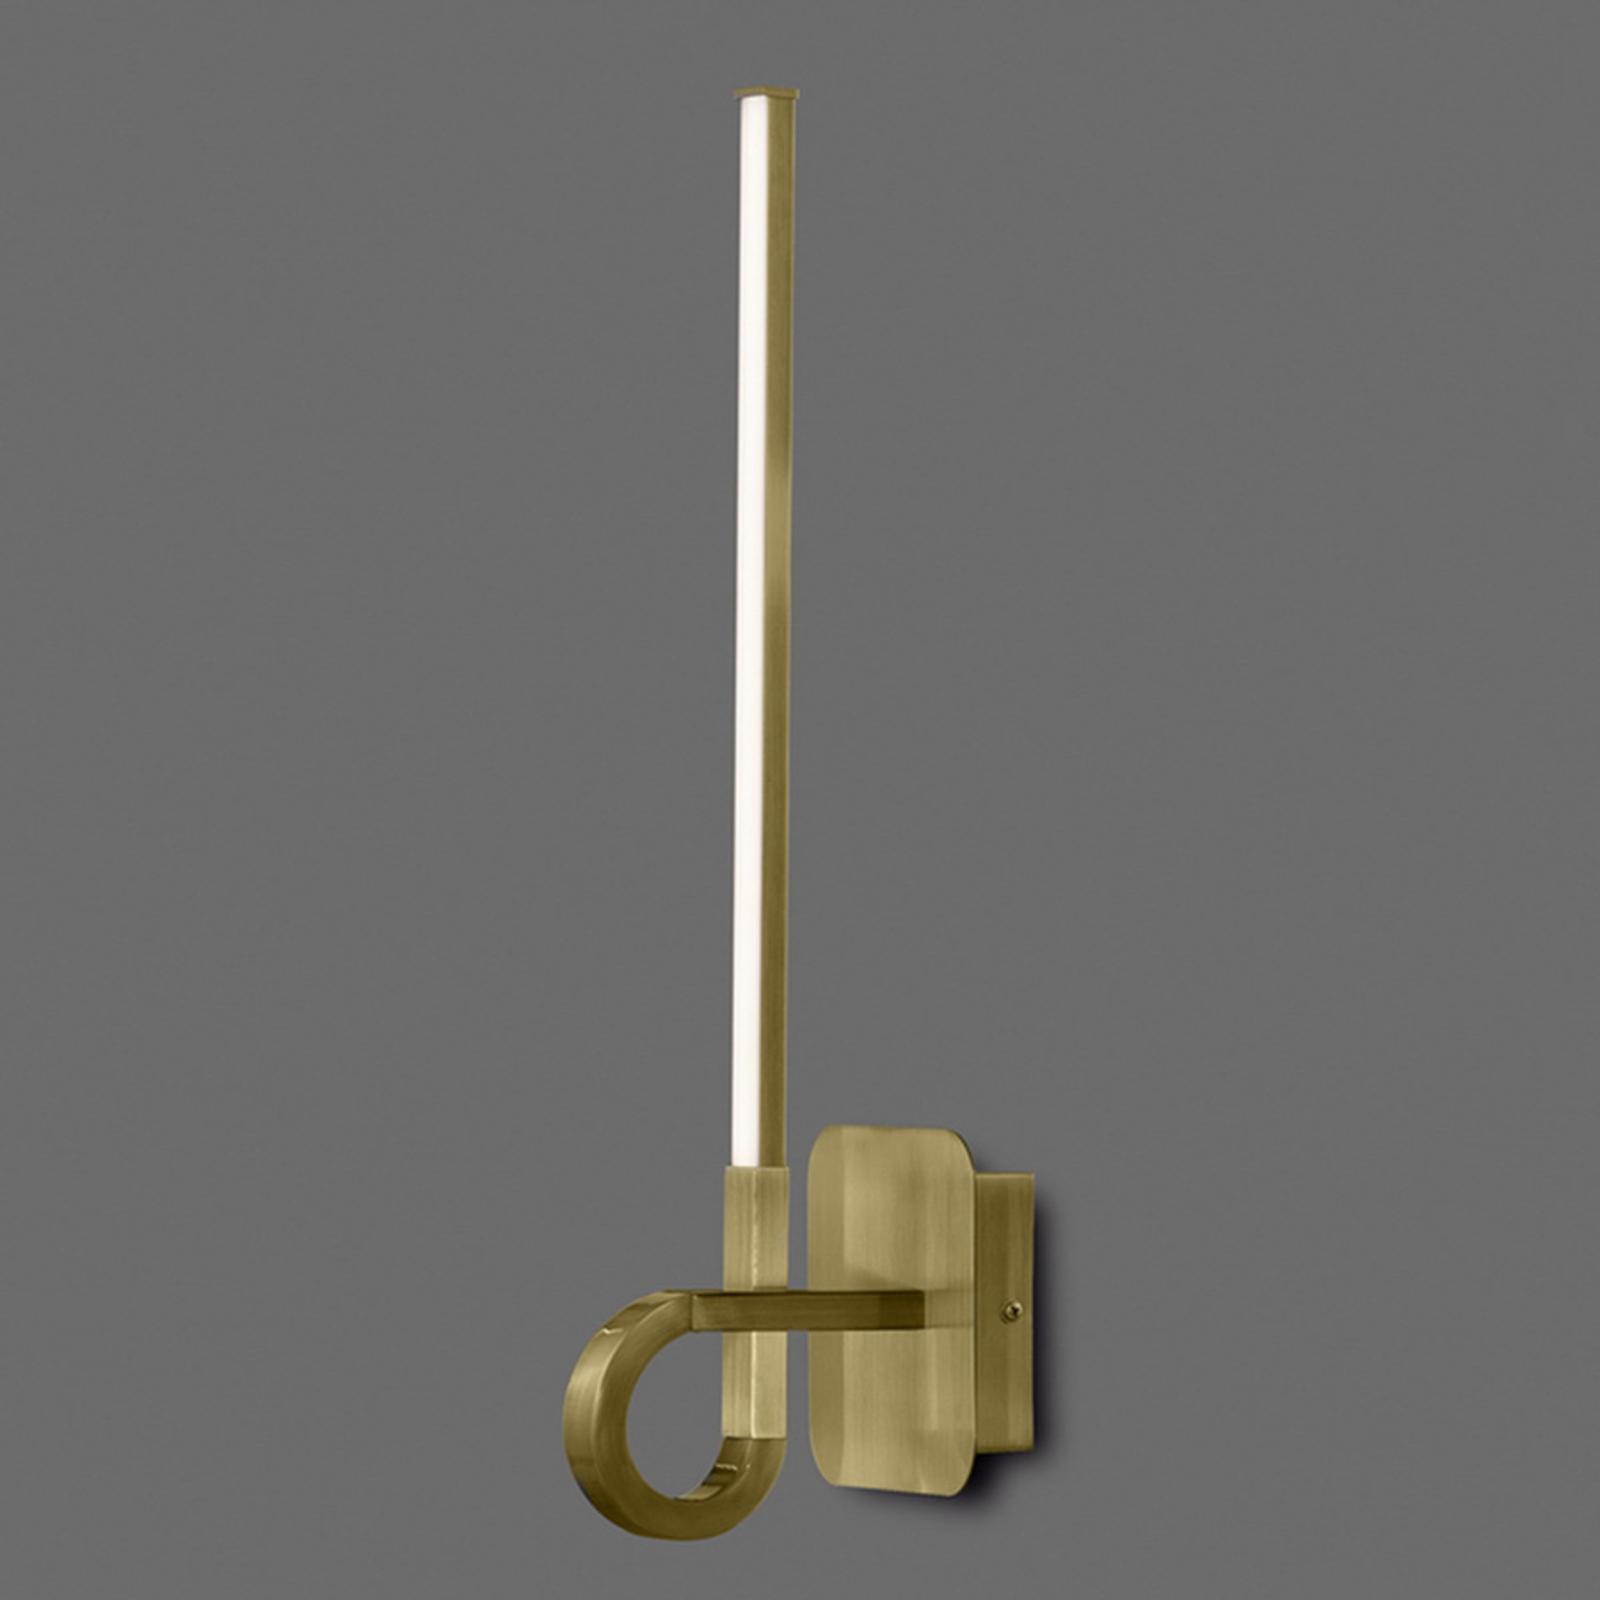 Applique LED Cinto ancien satiné, 48cm de haut